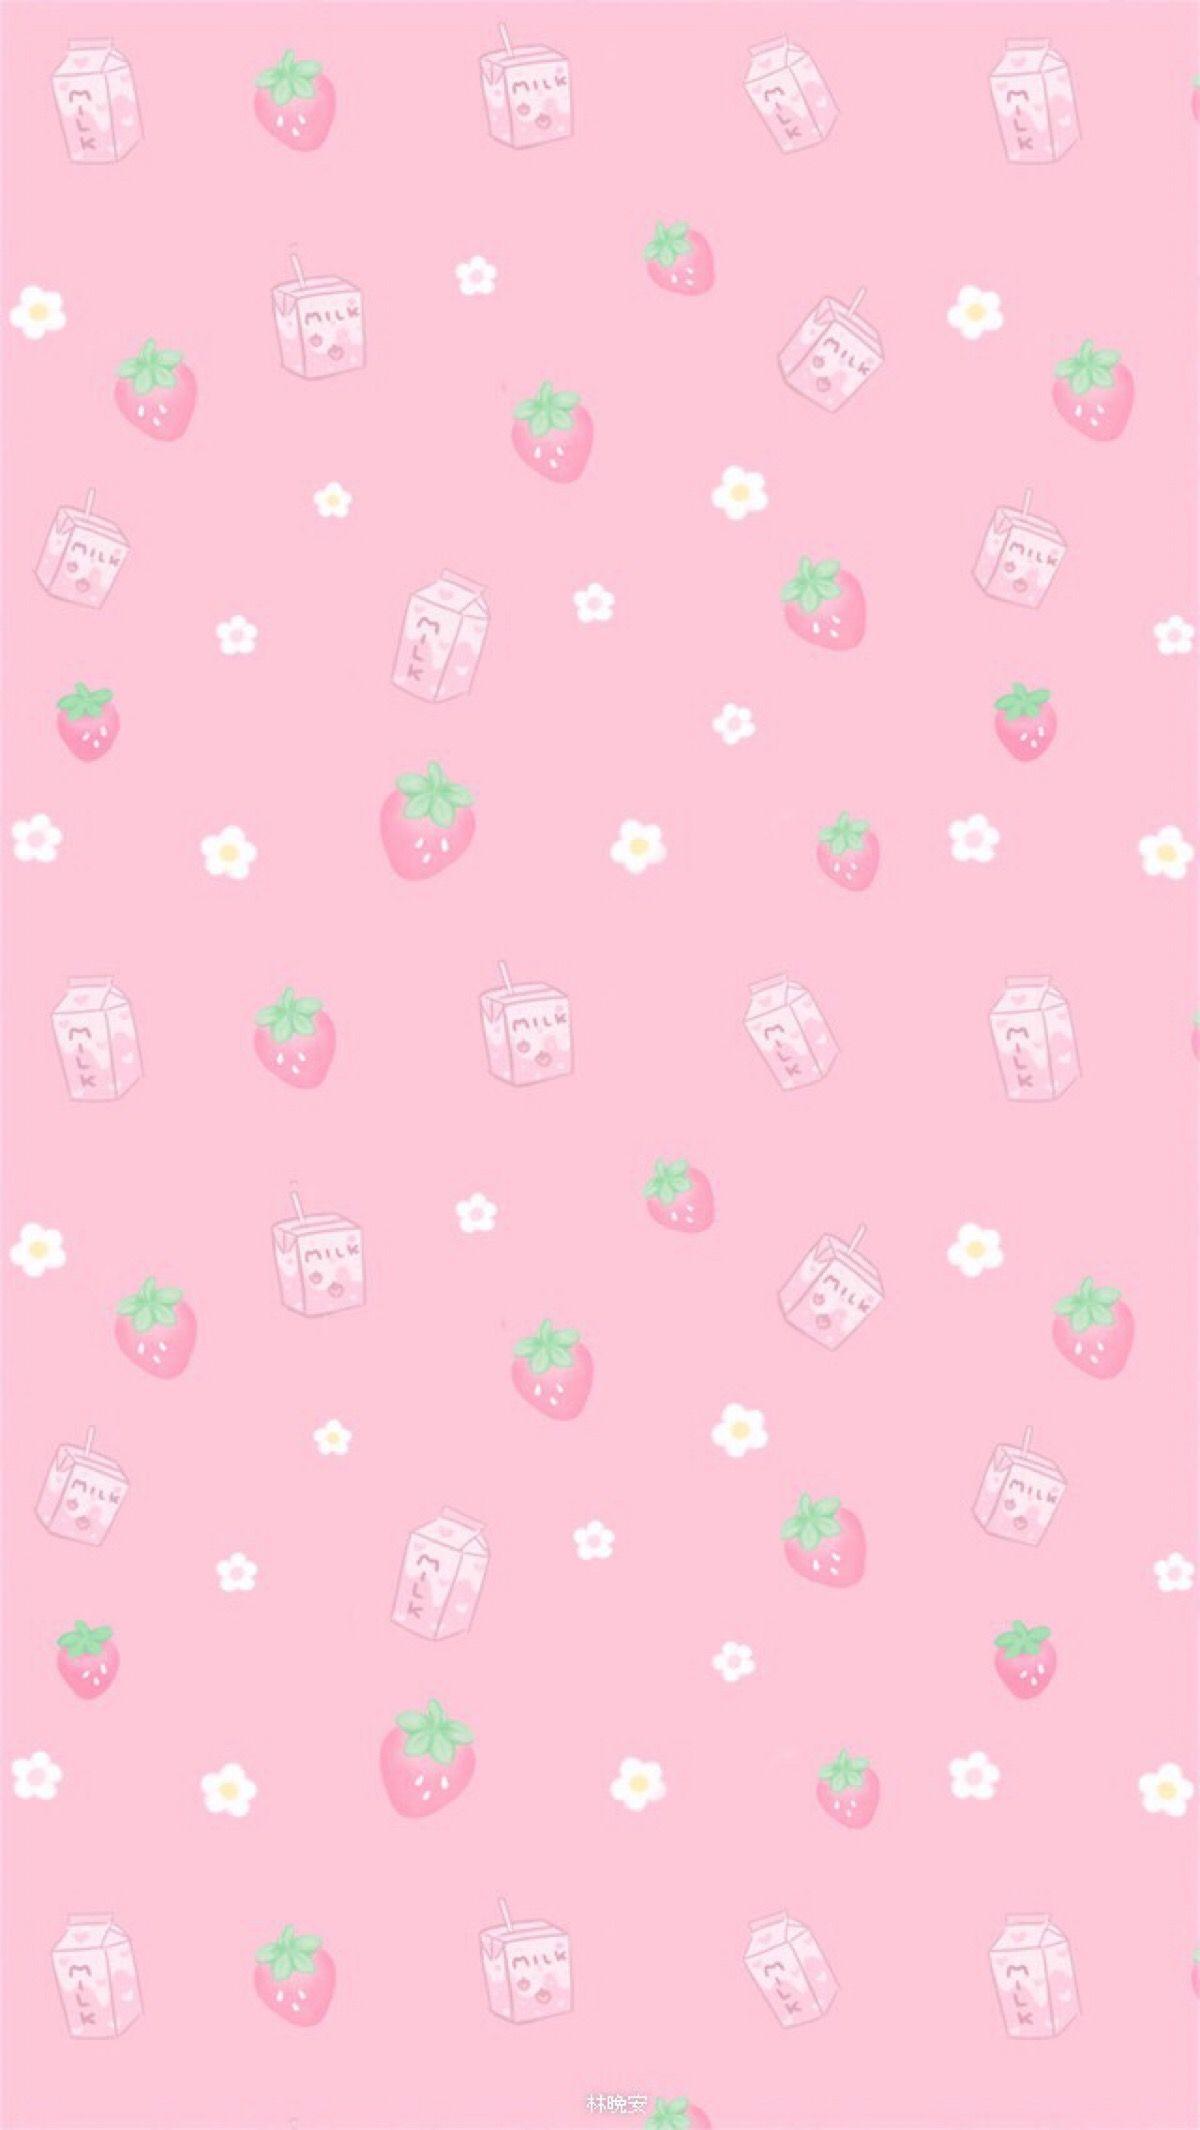 Sweets Wallpaper のアイデア 投稿者 Chiitan さん マイメロ